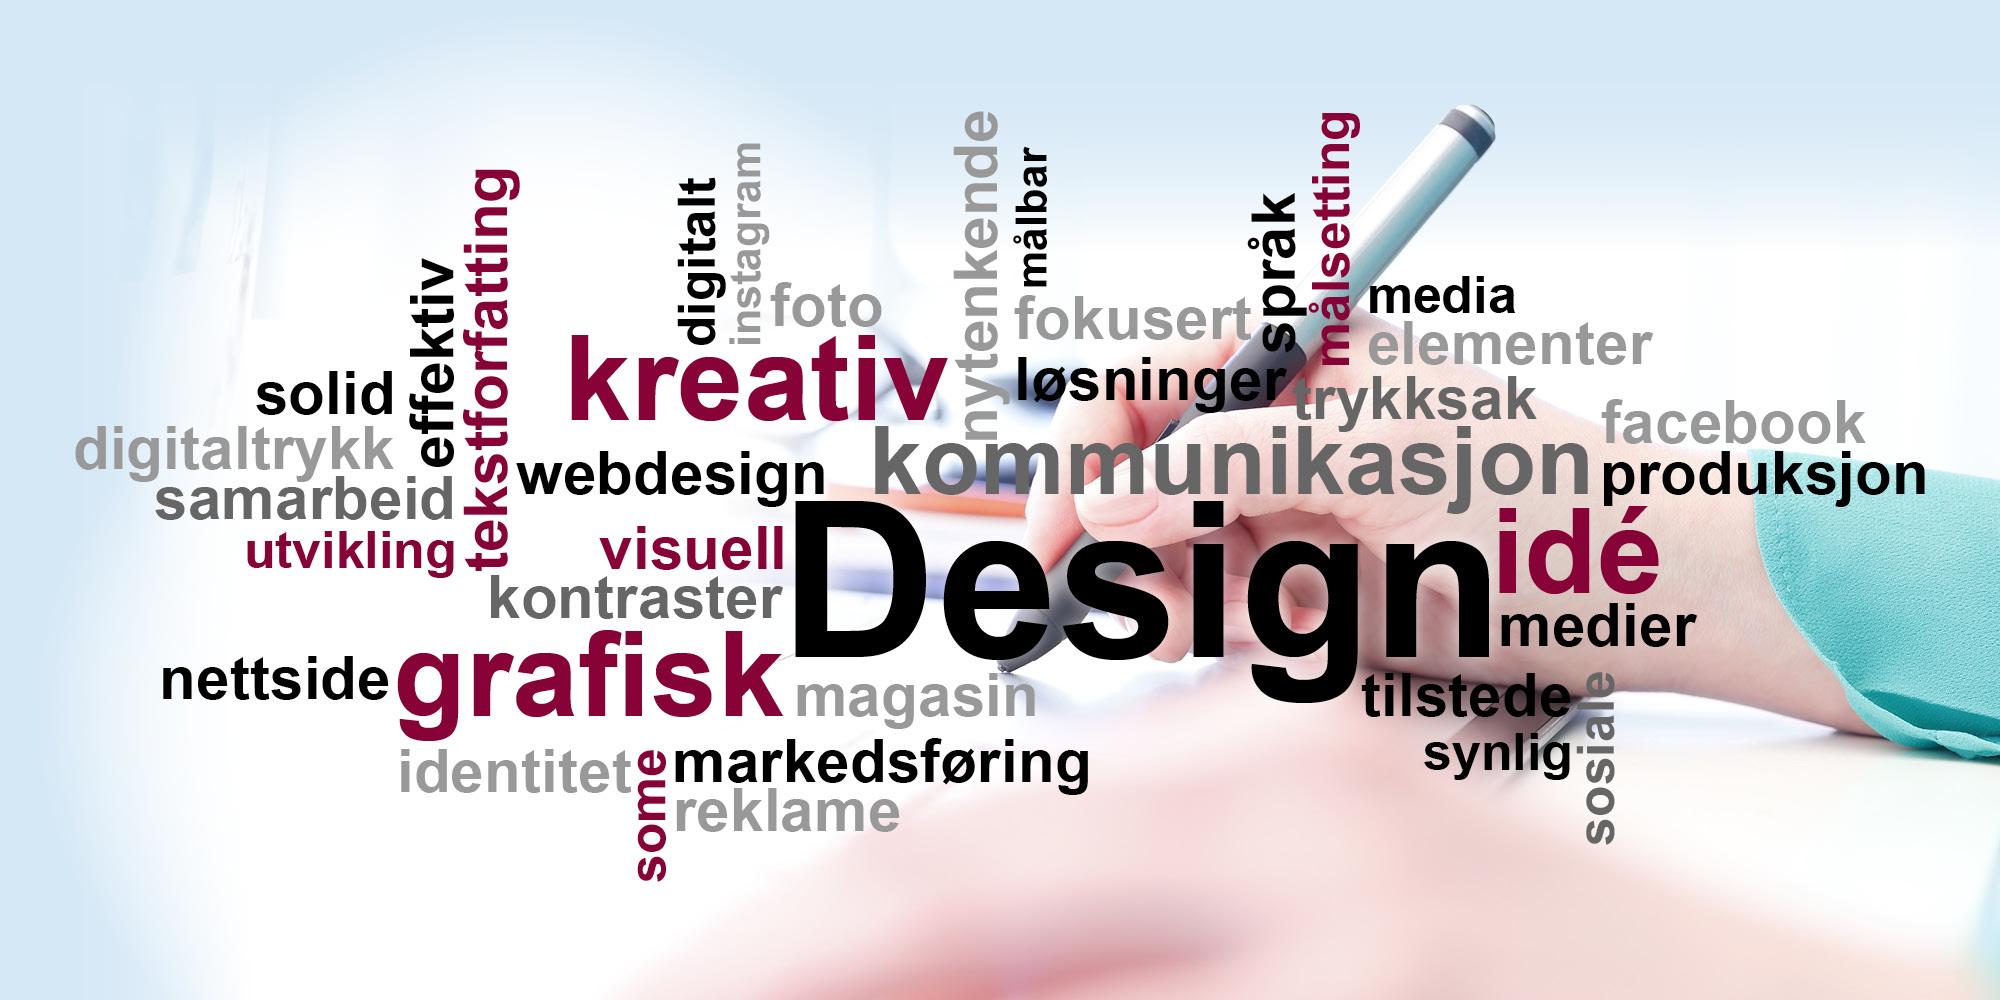 ASKO REKLAME søker grafisk designer med gode digitale ferdigheter)